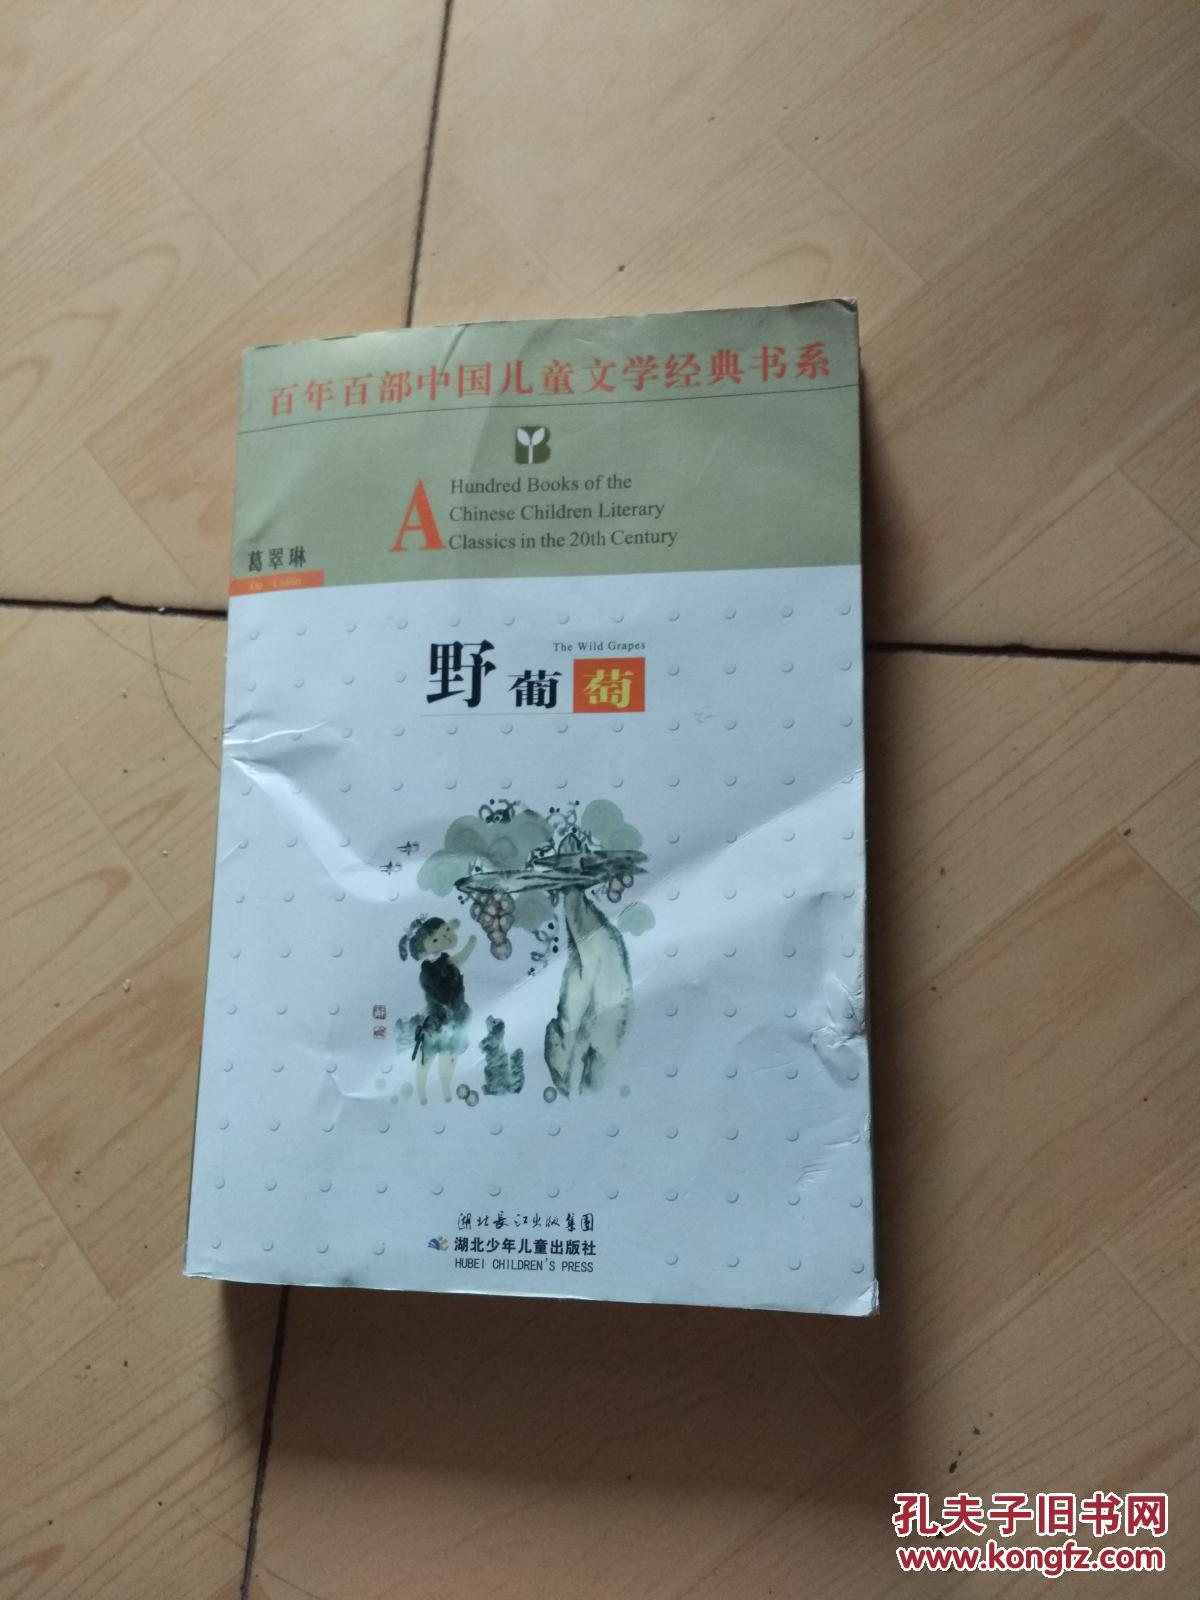 【图】野葡萄_湖北少年儿童出版社_孔夫子旧书网图片